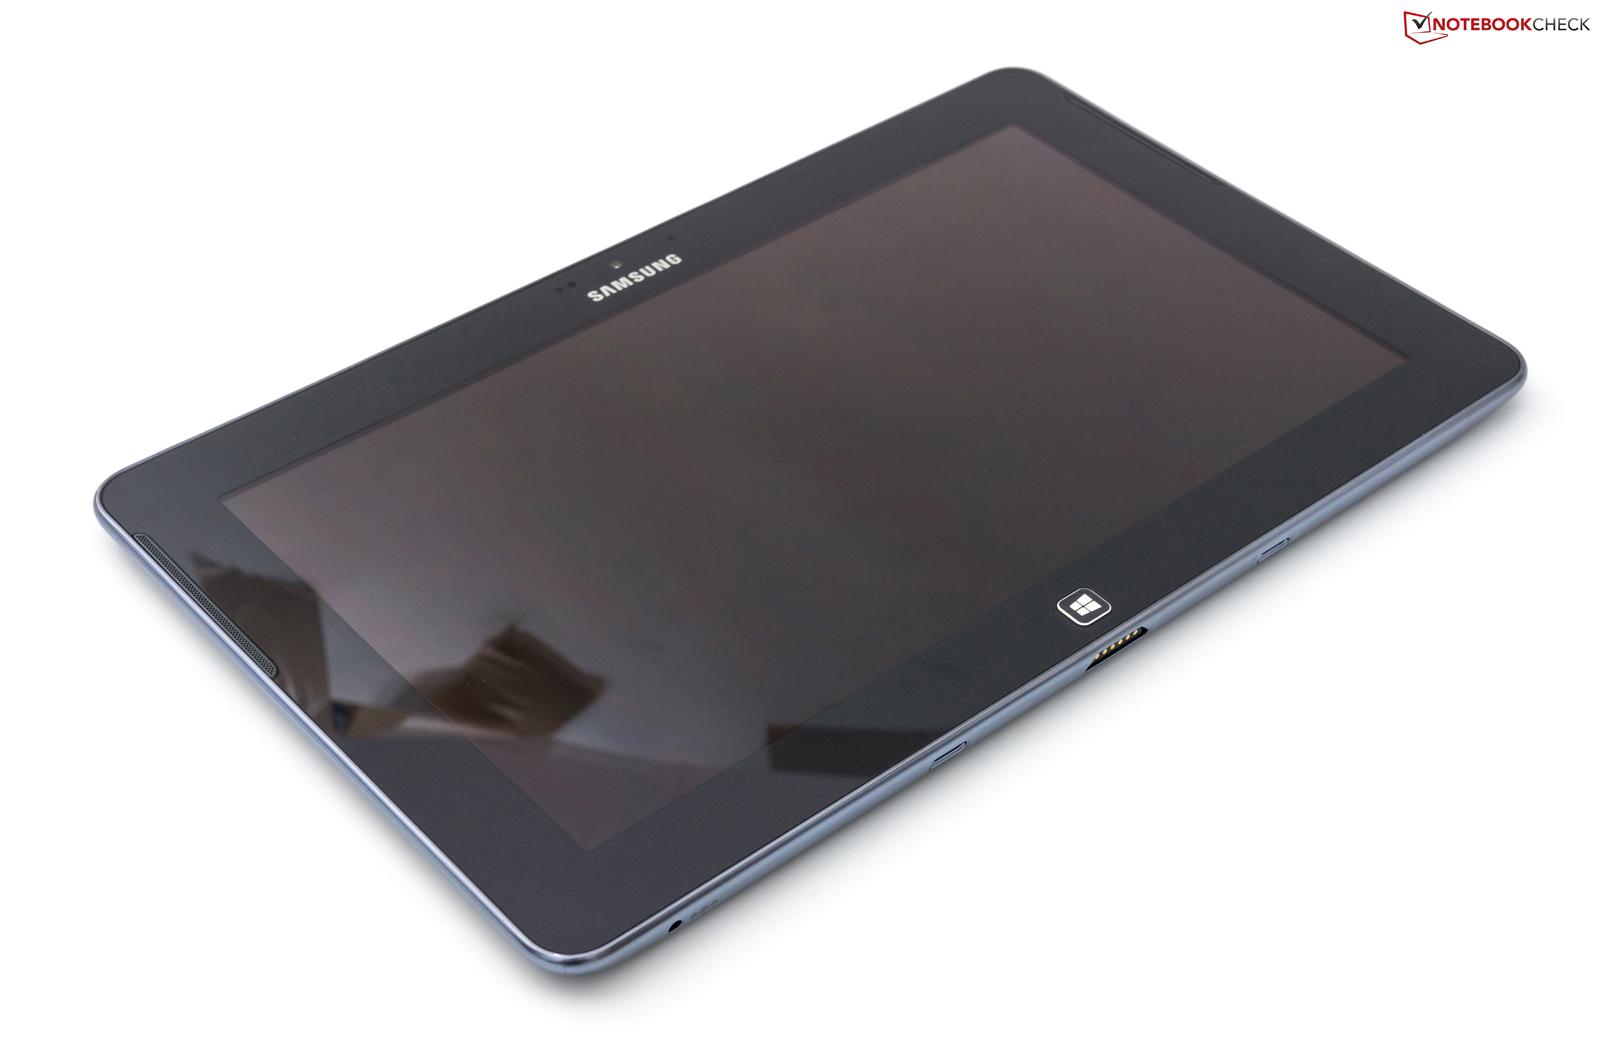 Samsung Ativ Tab P8510 - Full tablet specifications